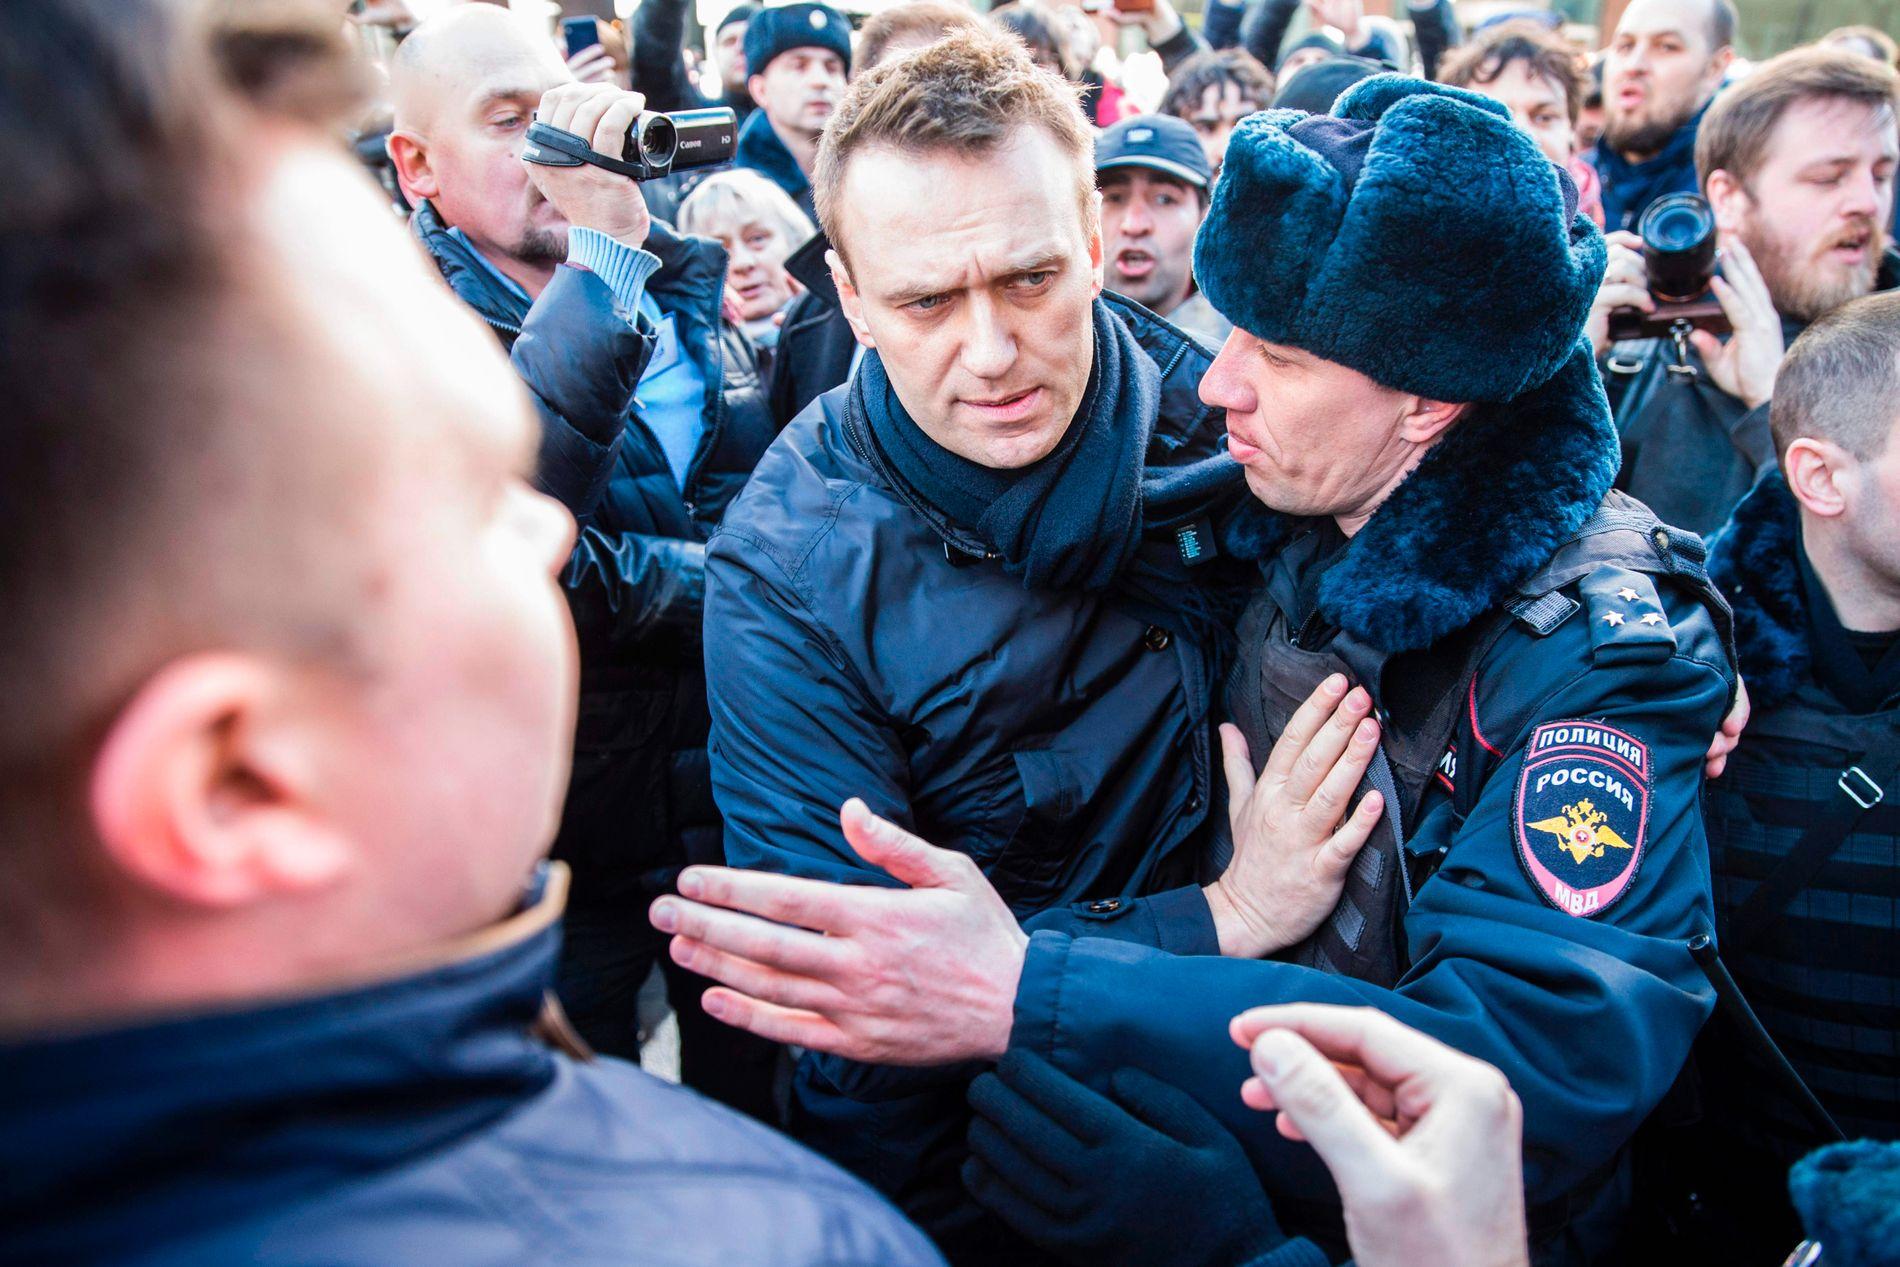 BRØT SEG INN: Aleksej Navalnyjs hovedkvarter ble gjennomsøkt av politiet samme dag som Navalnyj oppfordrer til demonstrasjoner. Her fra da opposisjonslederen ble pågrepet under en anti-korrupsjonsdemonstrasjon i Moskva i mars i fjor.